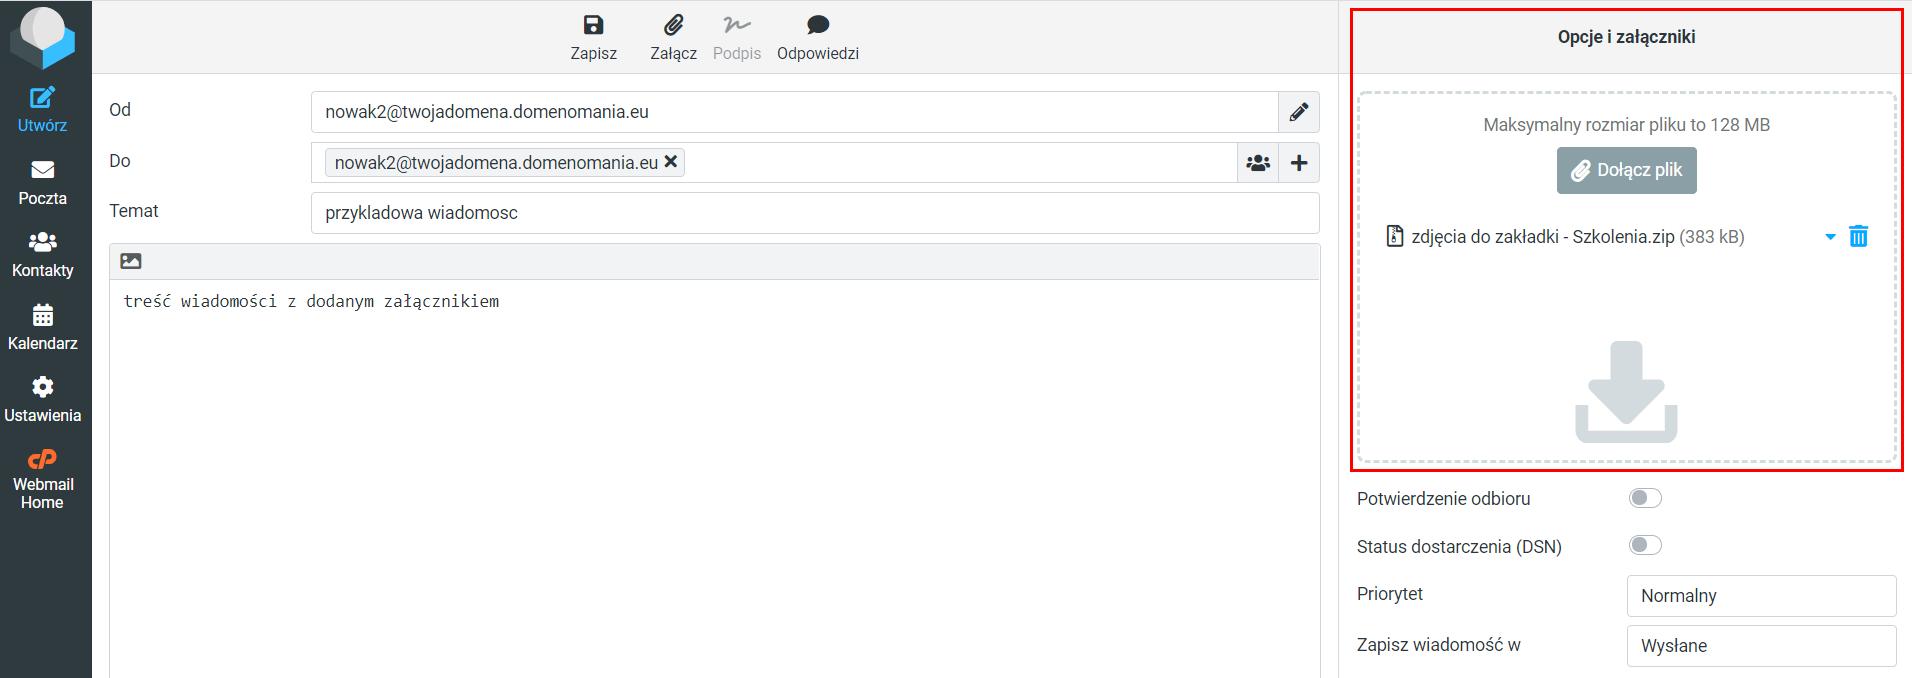 Aby dodać załącznik do wiadomości w webmail RoundCube, kliknij przycisk: Dołącz plik podczas tworzenia wiadomości.